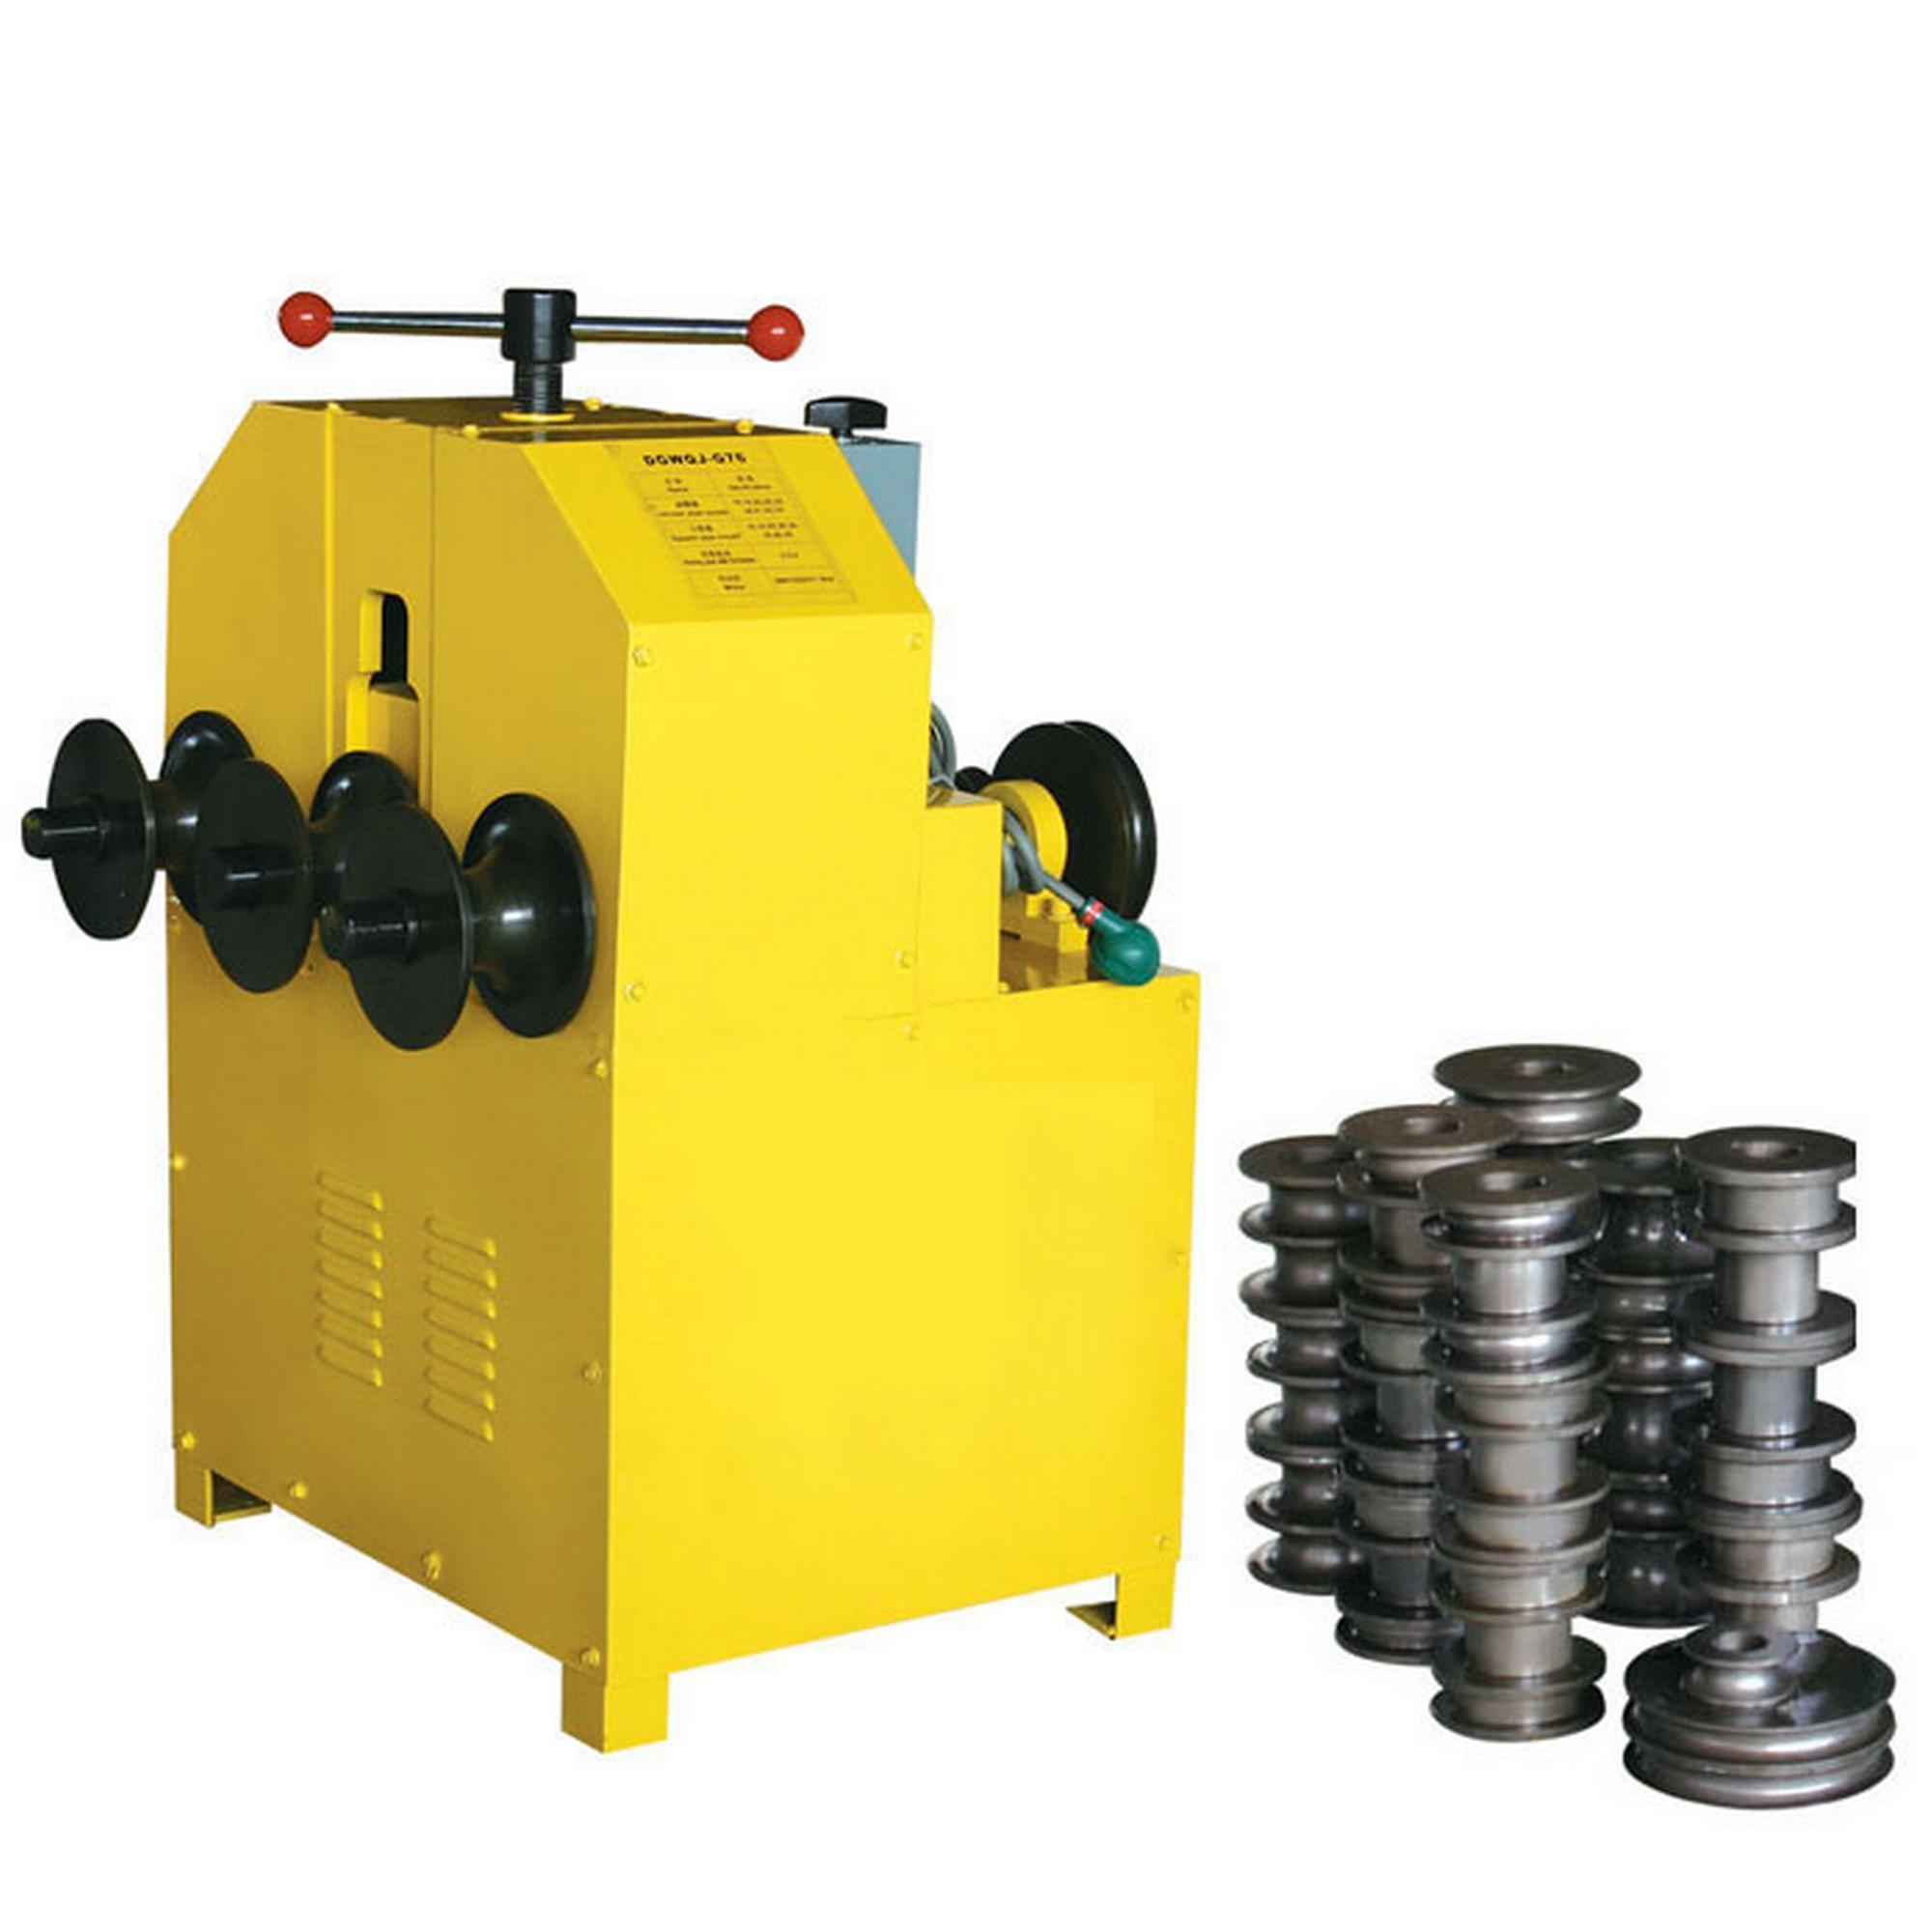 Image Result For Jual Mesin Boiler Bekas